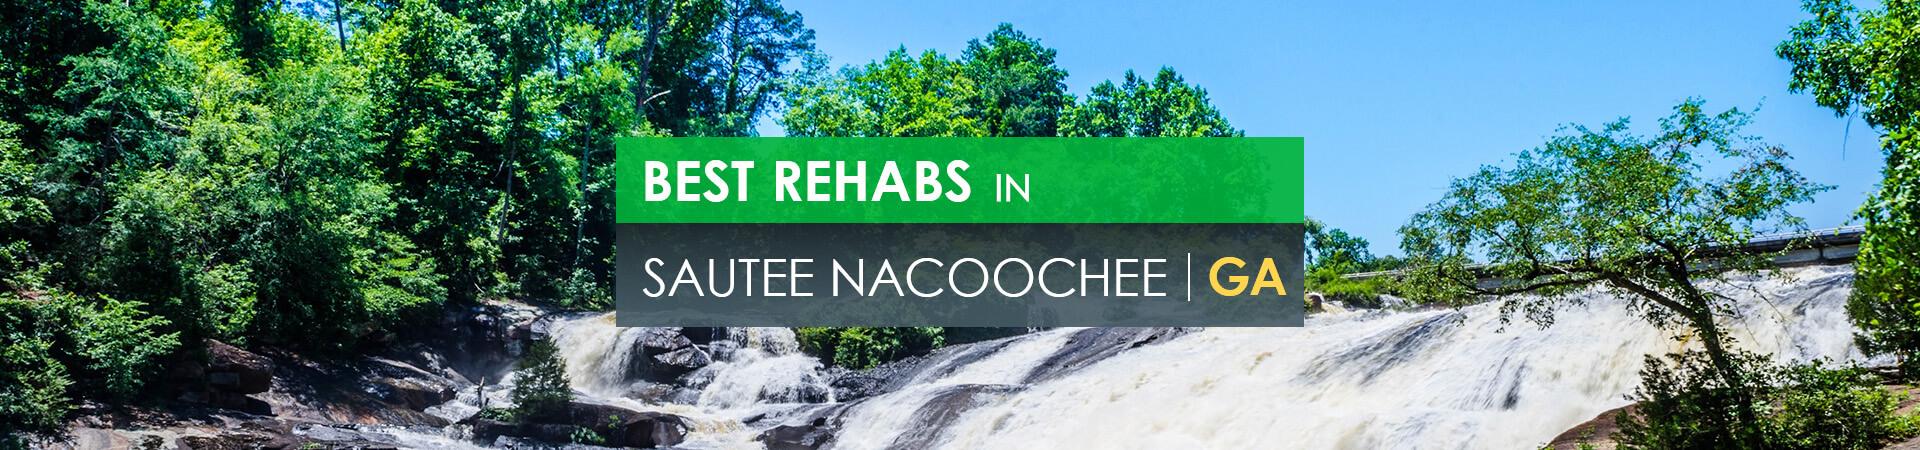 Best rehabs in Sautee Nacoochee, GA